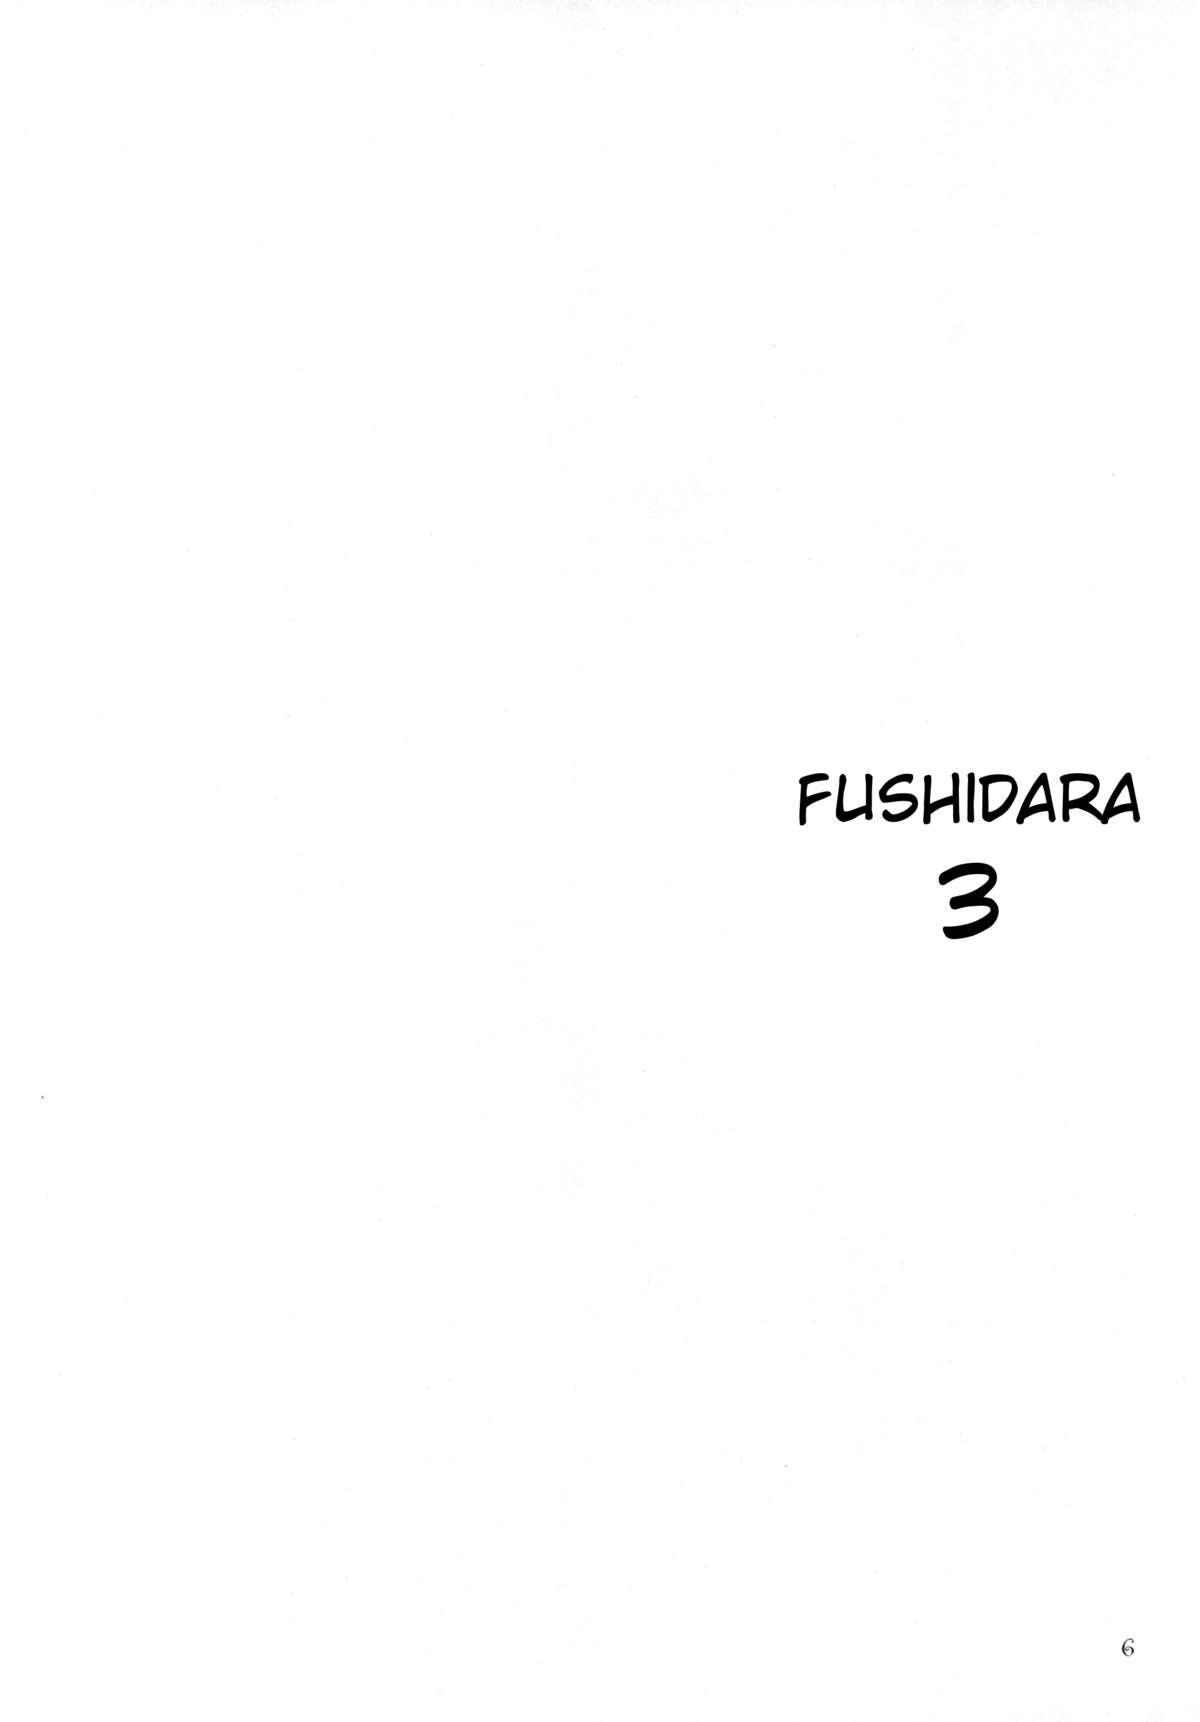 FUSHIDARA vs YOKOSHIMA 3 2